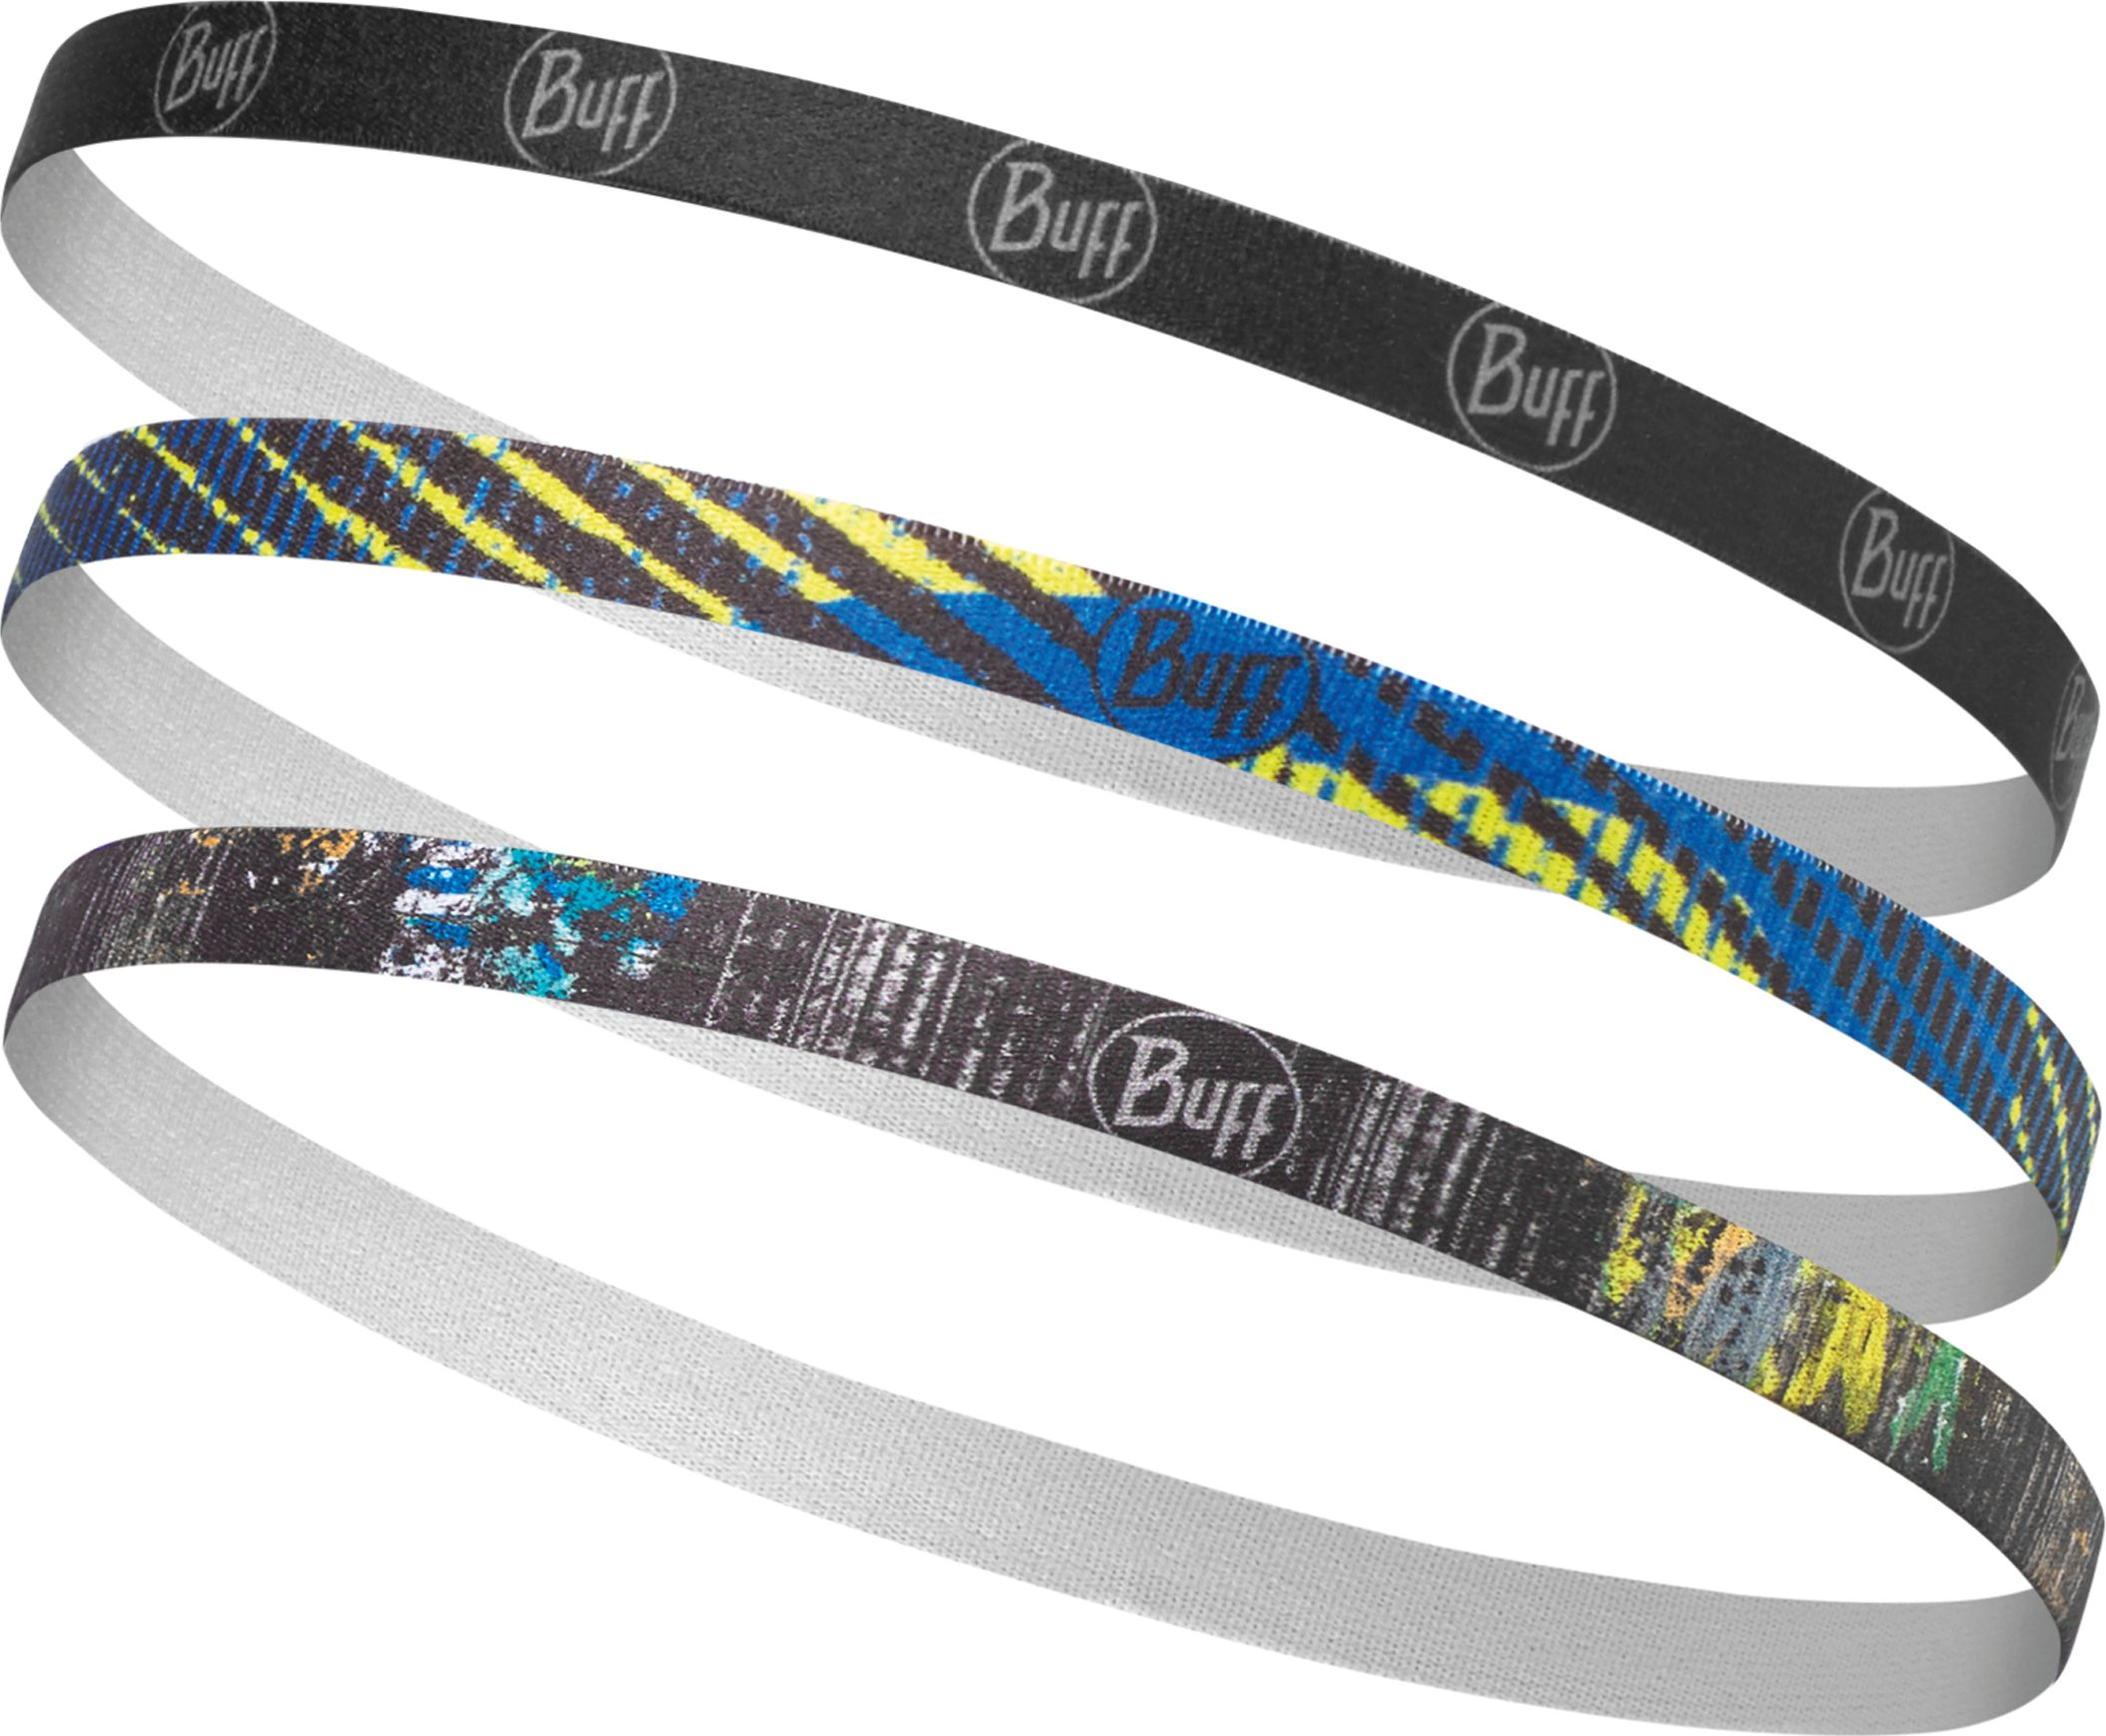 Повязка Buff Hairband Nelo Multi, цвет: разноцветный. 117093.555.10.00117093.555.10.00Эластичный ободок для волос - классический аксессуар. Отличное решение, чтобы убрать волосы от вашего лицаво время занятий спортом.Красивый, удобный и стильный. В упаковке 3 ободка Ободок подойдет к бандане BUFF UV PROTECTION GRAFFITI BLACK идентичной расцветки. Особенности: - в упаковке 3 ободка - прекрасно держится на голове и не спадает при любой степени активности - сертификат OEKO-TEX standart 100:независимая система проверки продукции на всех стадиях производства - толщина: 1 мм - размер:55-62 см (взрослые) - состав: 78% Полиэстер, 14% Латекс,8% силикона. - вес:5 г.